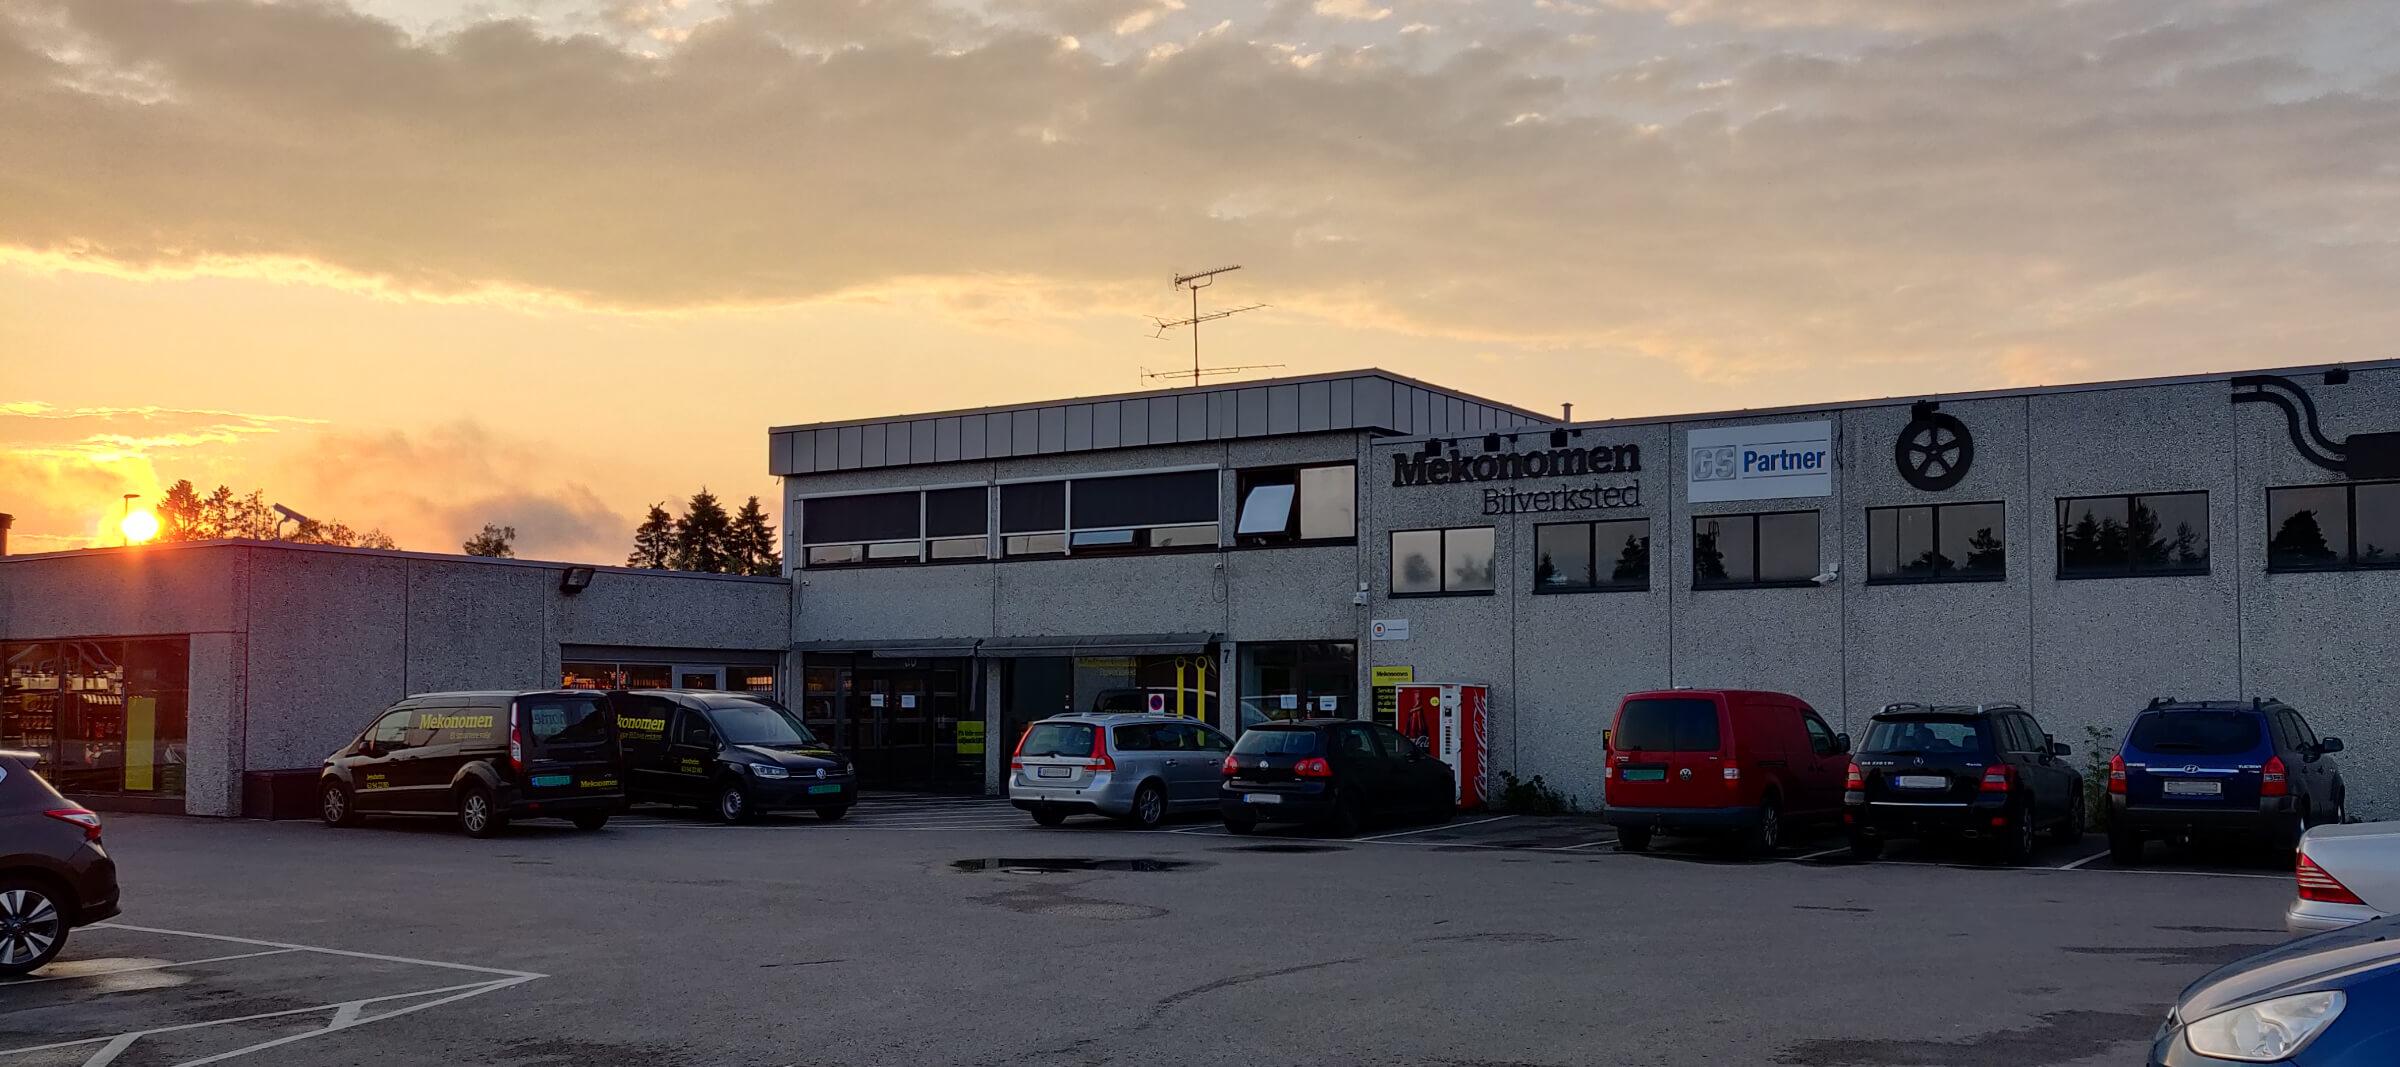 Mekonomen Jessheim Bilverksted - bygning fotografert i solnedgang